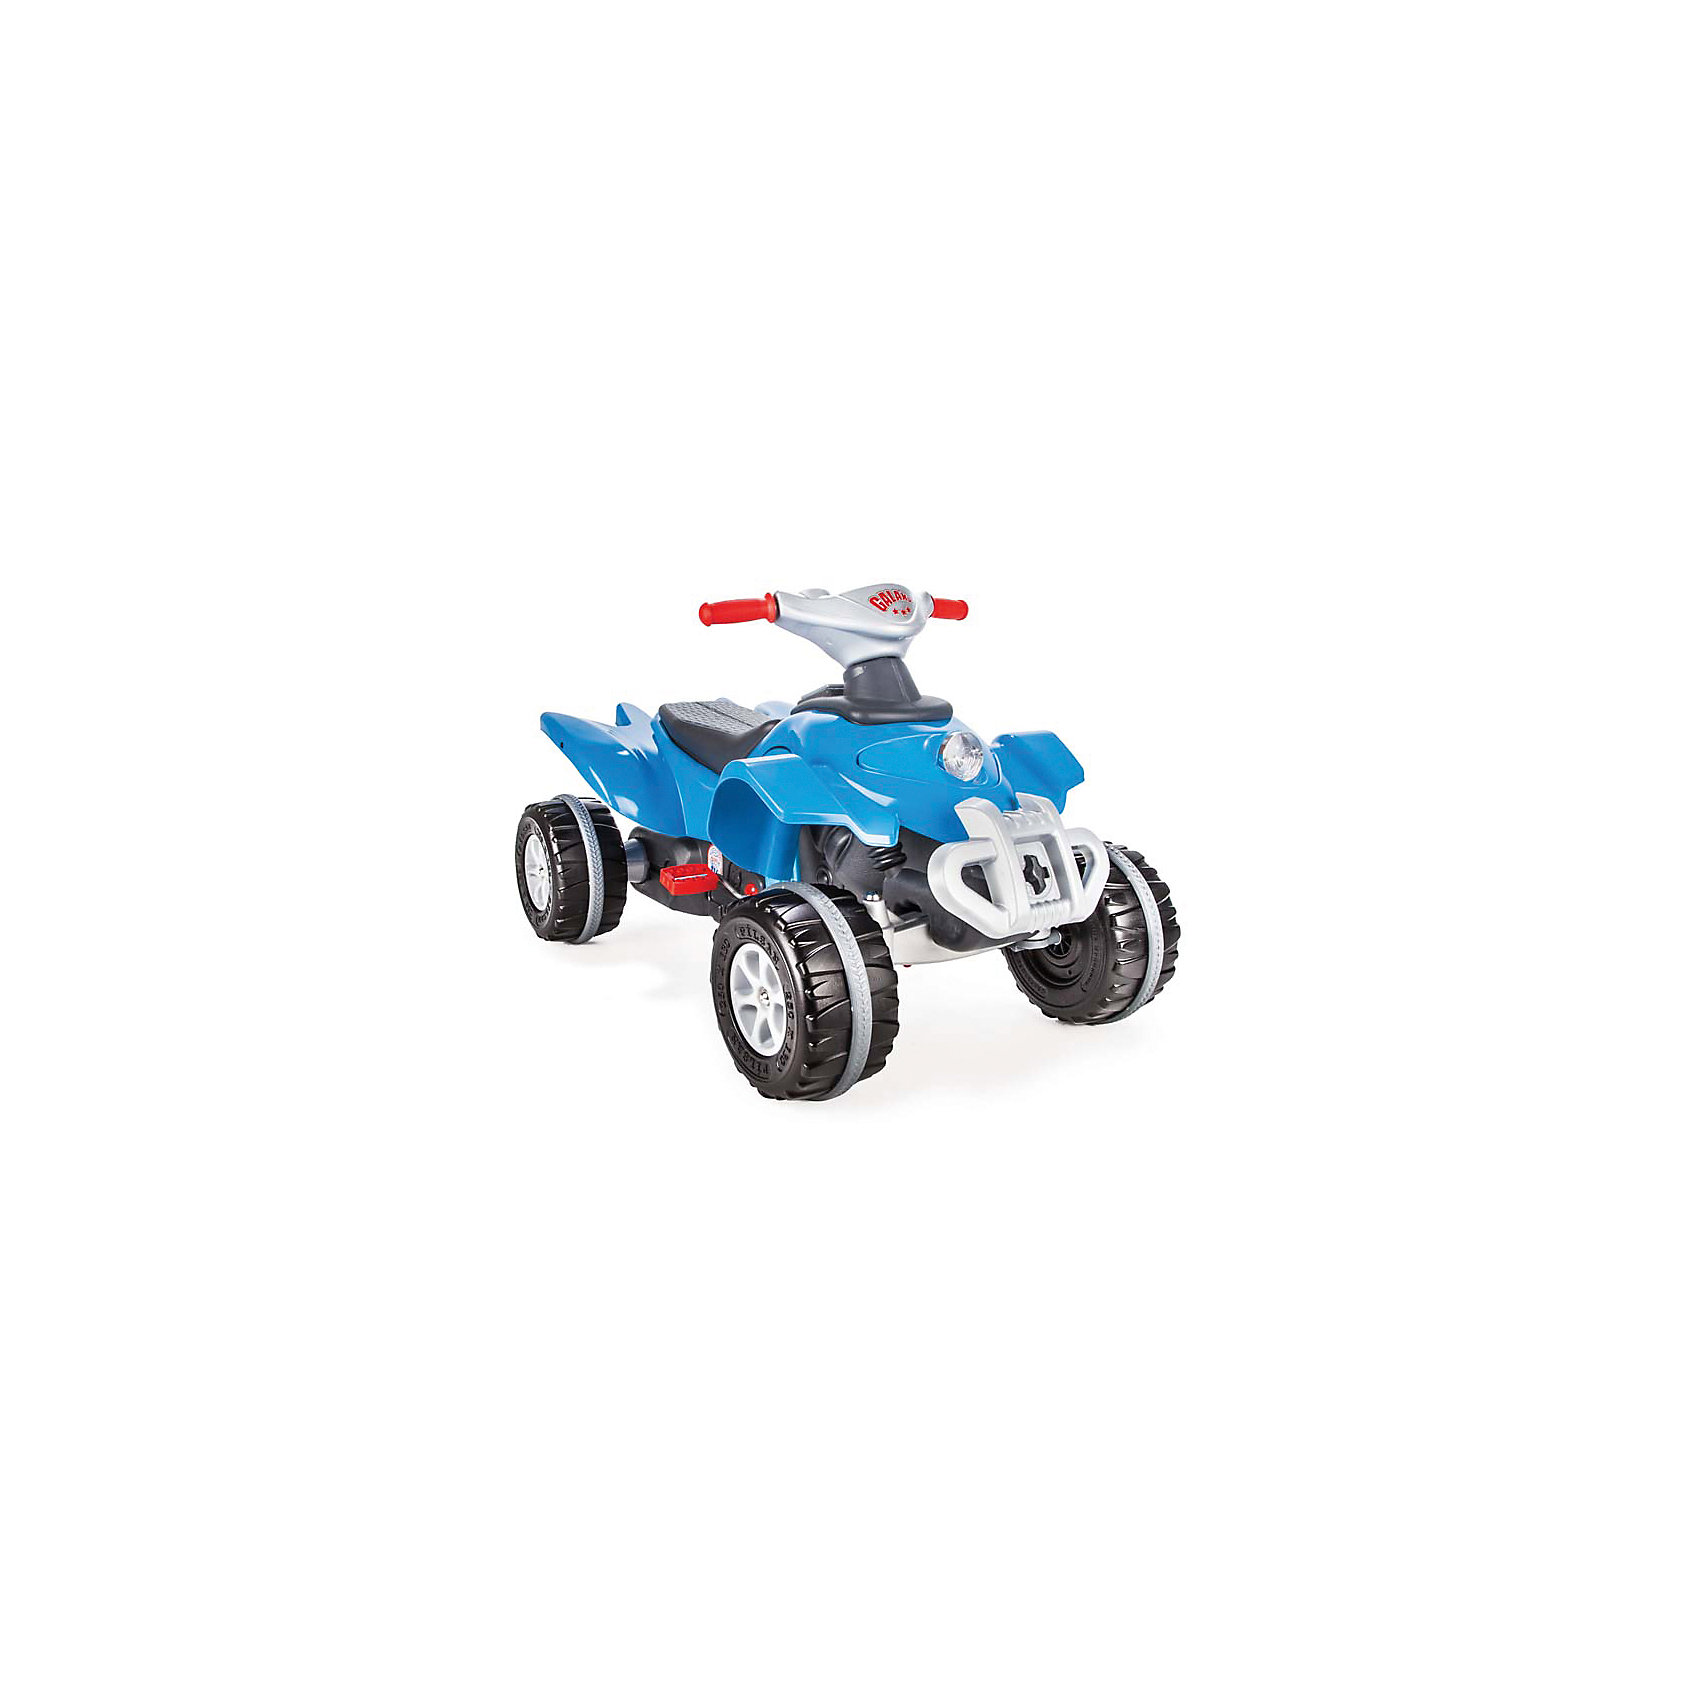 Педальная машина Квадроцикл GALAXY (в ассортименте), PILSANМашинки-каталки<br>Педальная машина Квадроцикл GALAXY (в ассортименте), PILSAN (Пилсан)<br><br>Характеристики:<br><br>• удобное сиденье<br>• съемный руль<br>• управление с помощью педалей и руля<br>• яркий дизайн<br>• способствует физическому развитию и развитию координации движений<br>• материал: пластик<br>• размер упаковки: 54х99х59 см<br>• вес: 10,6 кг<br><br>Квадроцикл GALAXY - отличный вариант первого транспорта ребенка. Он имеет удобное сиденье, съемный руль и, конечно же, привлекательный дизайн. Широкие рельефные колеса хорошо едут по неровным поверхностям. Квадроцикл управляется с помощью педалей и руля. Игра способствует физическому развитию и развитию координации ребенка. Игрушка изготовлена из высококачественного прочного пластика. Максимальная нагрузка - 50 кг.<br><br>ВНИМАНИЕ! Данный артикул имеется в наличии в разных цветовых исполнениях. К сожалению, заранее выбрать определенный цвет не возможно.<br><br>Педальную машину Квадроцикл GALAXY (в ассортименте), PILSAN (Пилсан) вы можете купить в нашем интернет-магазине.<br><br>Ширина мм: 590<br>Глубина мм: 990<br>Высота мм: 540<br>Вес г: 10600<br>Возраст от месяцев: 36<br>Возраст до месяцев: 84<br>Пол: Унисекс<br>Возраст: Детский<br>SKU: 5512034